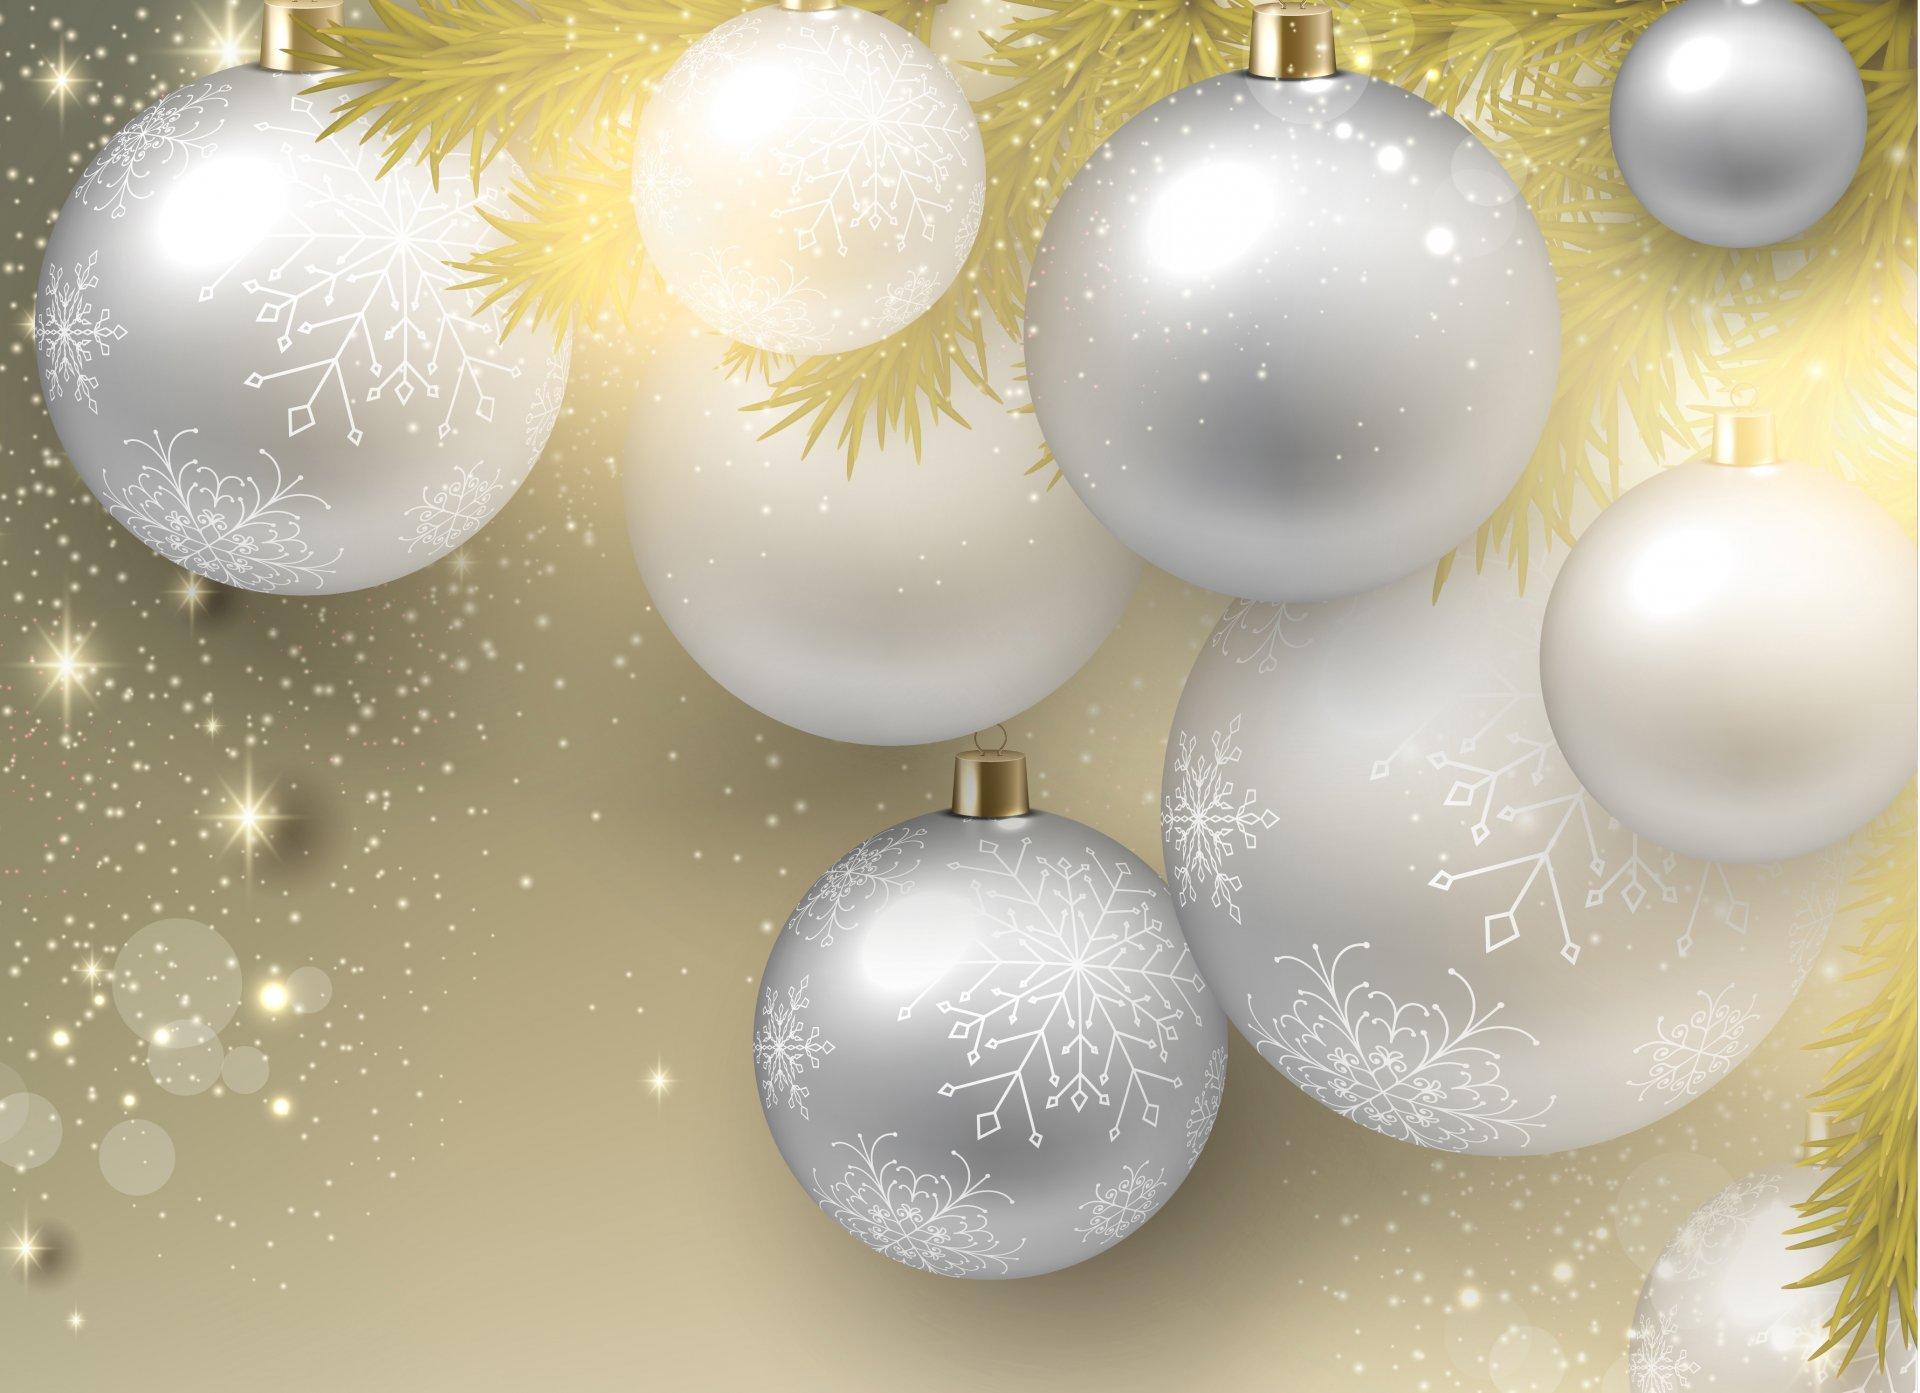 Новогодние открытки с шарами на елке